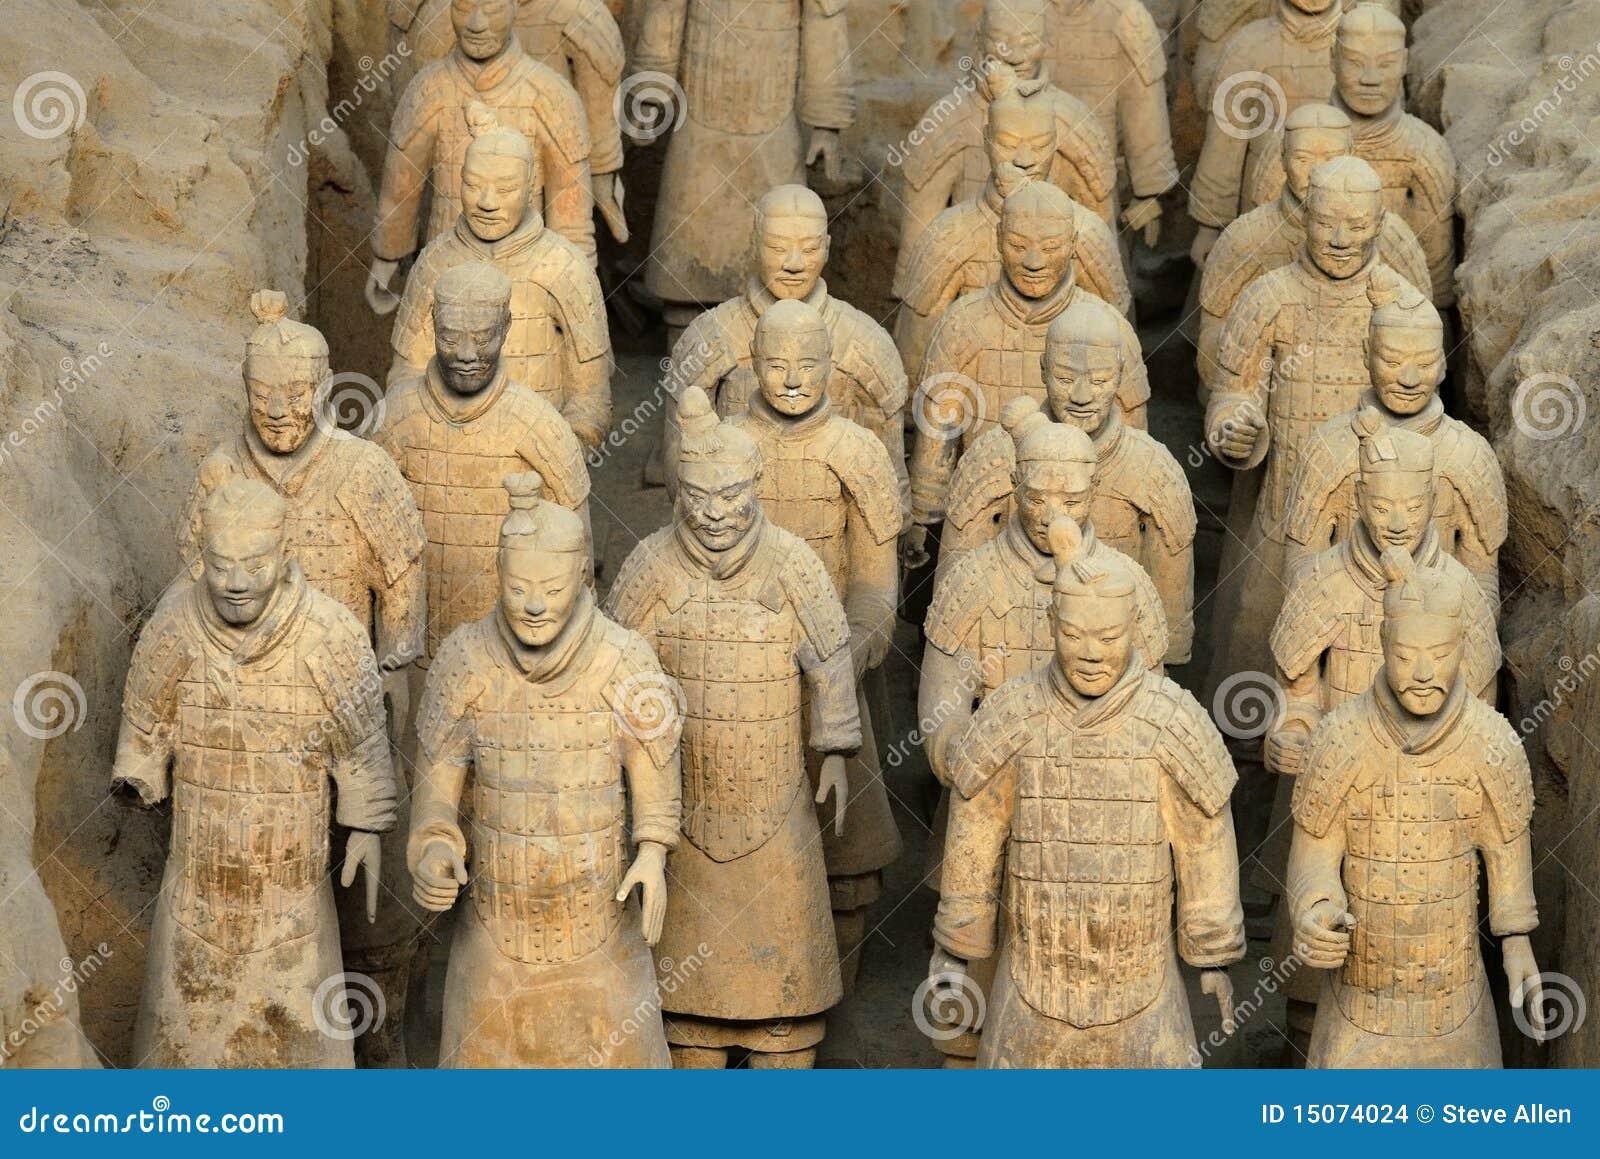 El ejército de la terracota - China